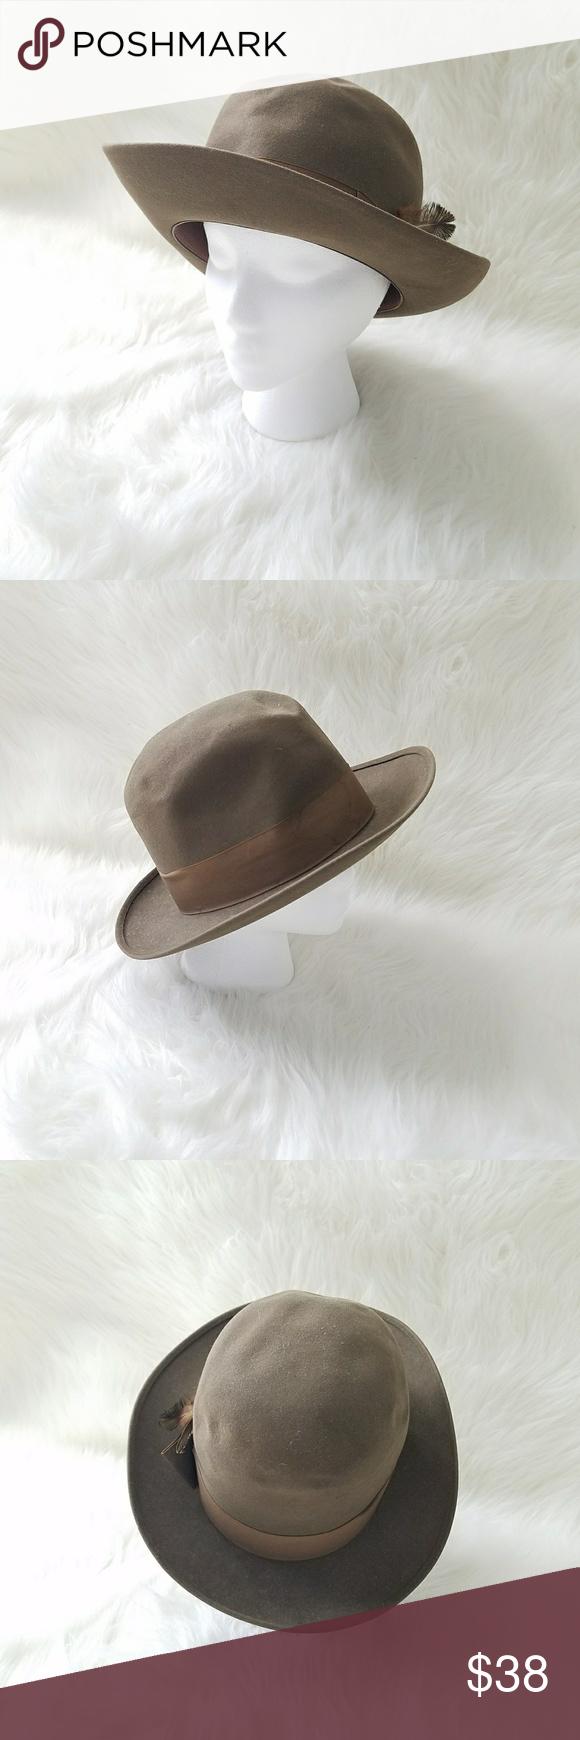 Dobbs Fifth avenue top hat VINTAGE Vintage Top Hat From Dobbs Fifth avenue  Dark green brown 5dc614d6c2b